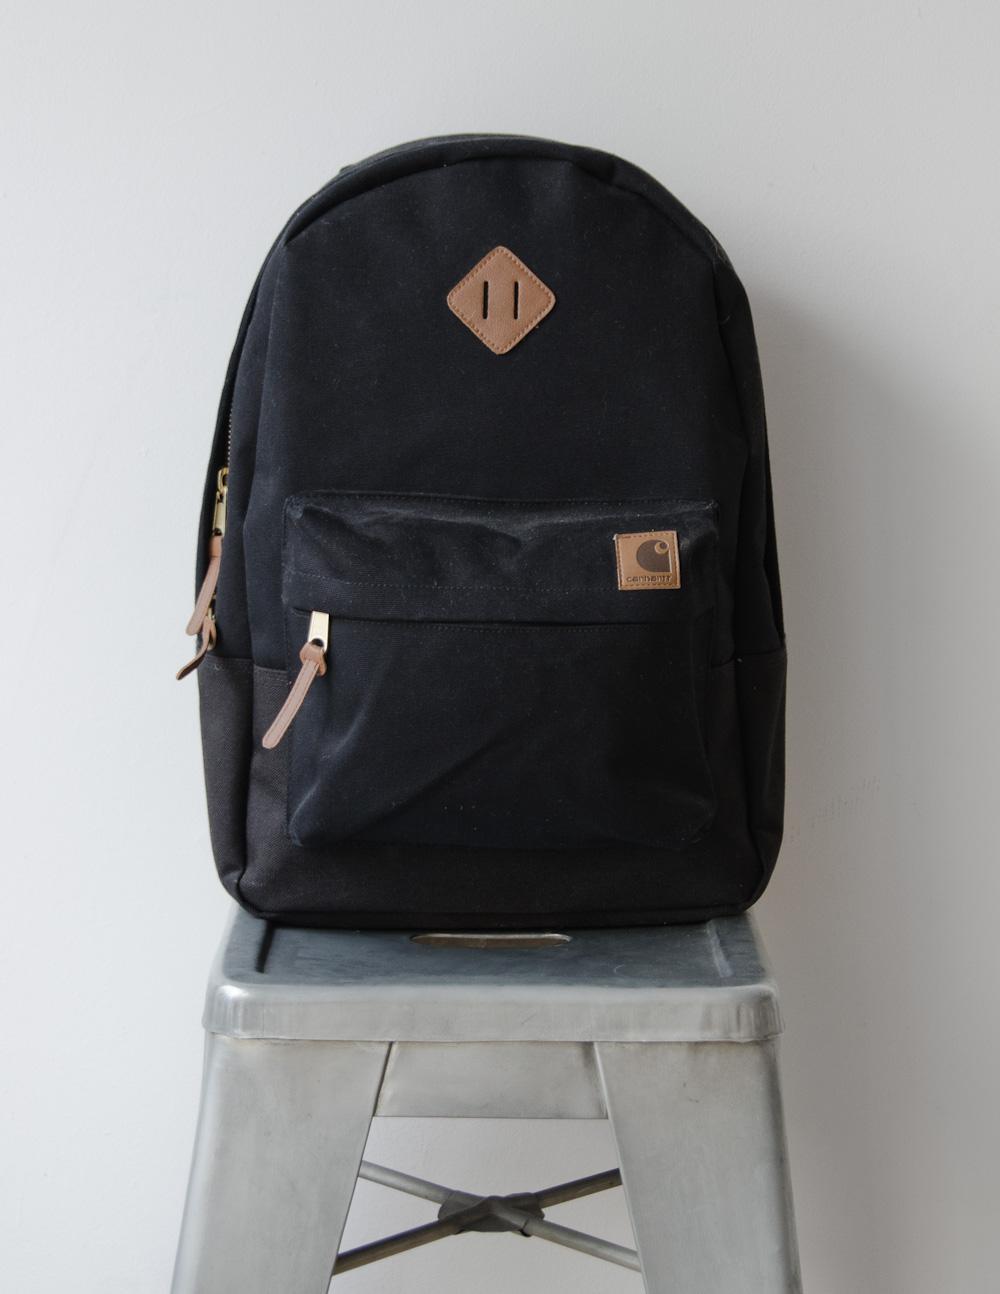 premium-picks-backpacks-2.jpg